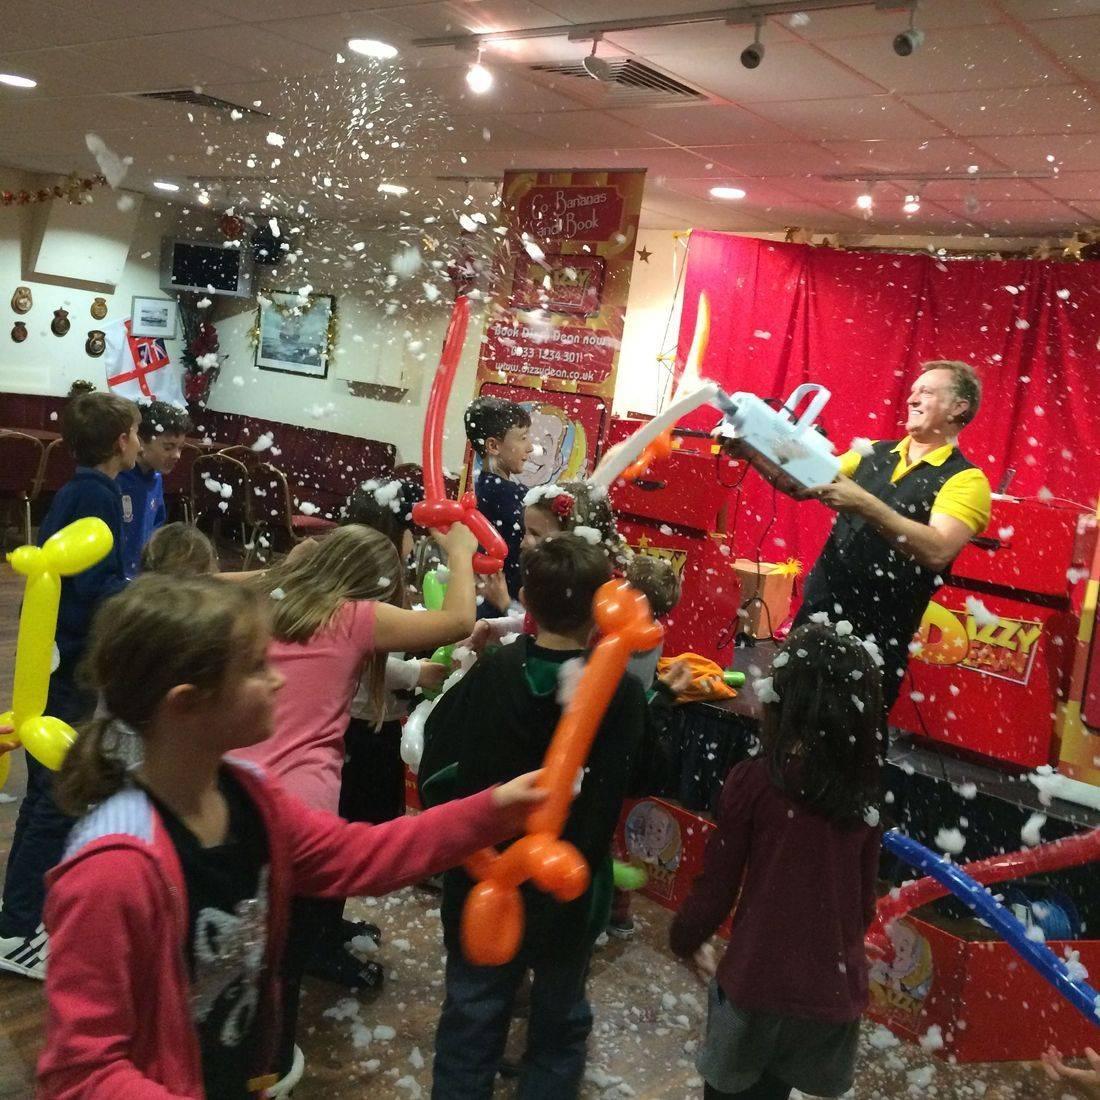 Dizzy Dean Christmas magic show